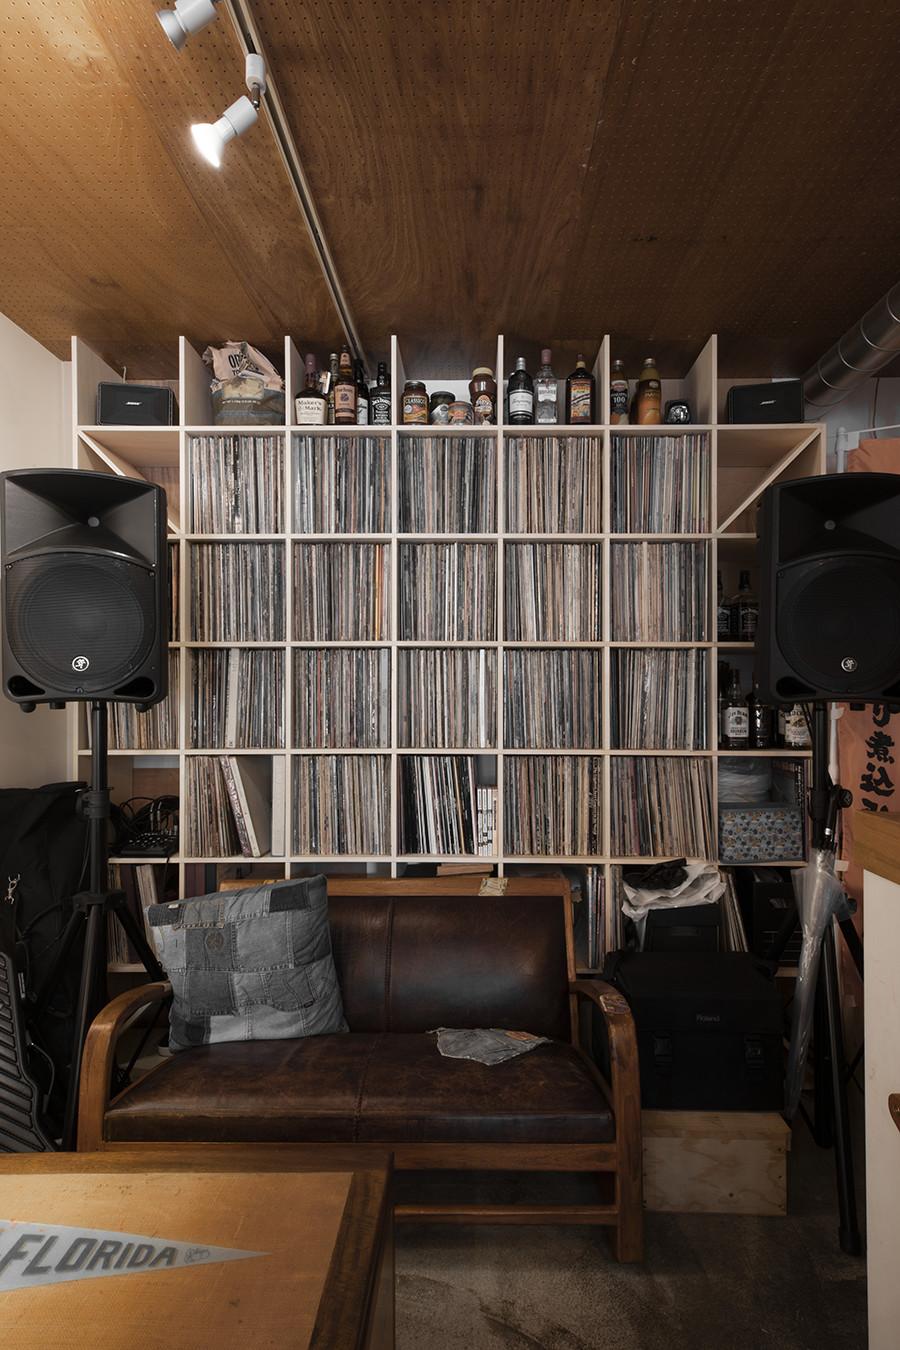 音楽茶房 Buddy Buddyさんのレコード棚   壁一面の本棚 奥行350mm/Shelf(No.61)